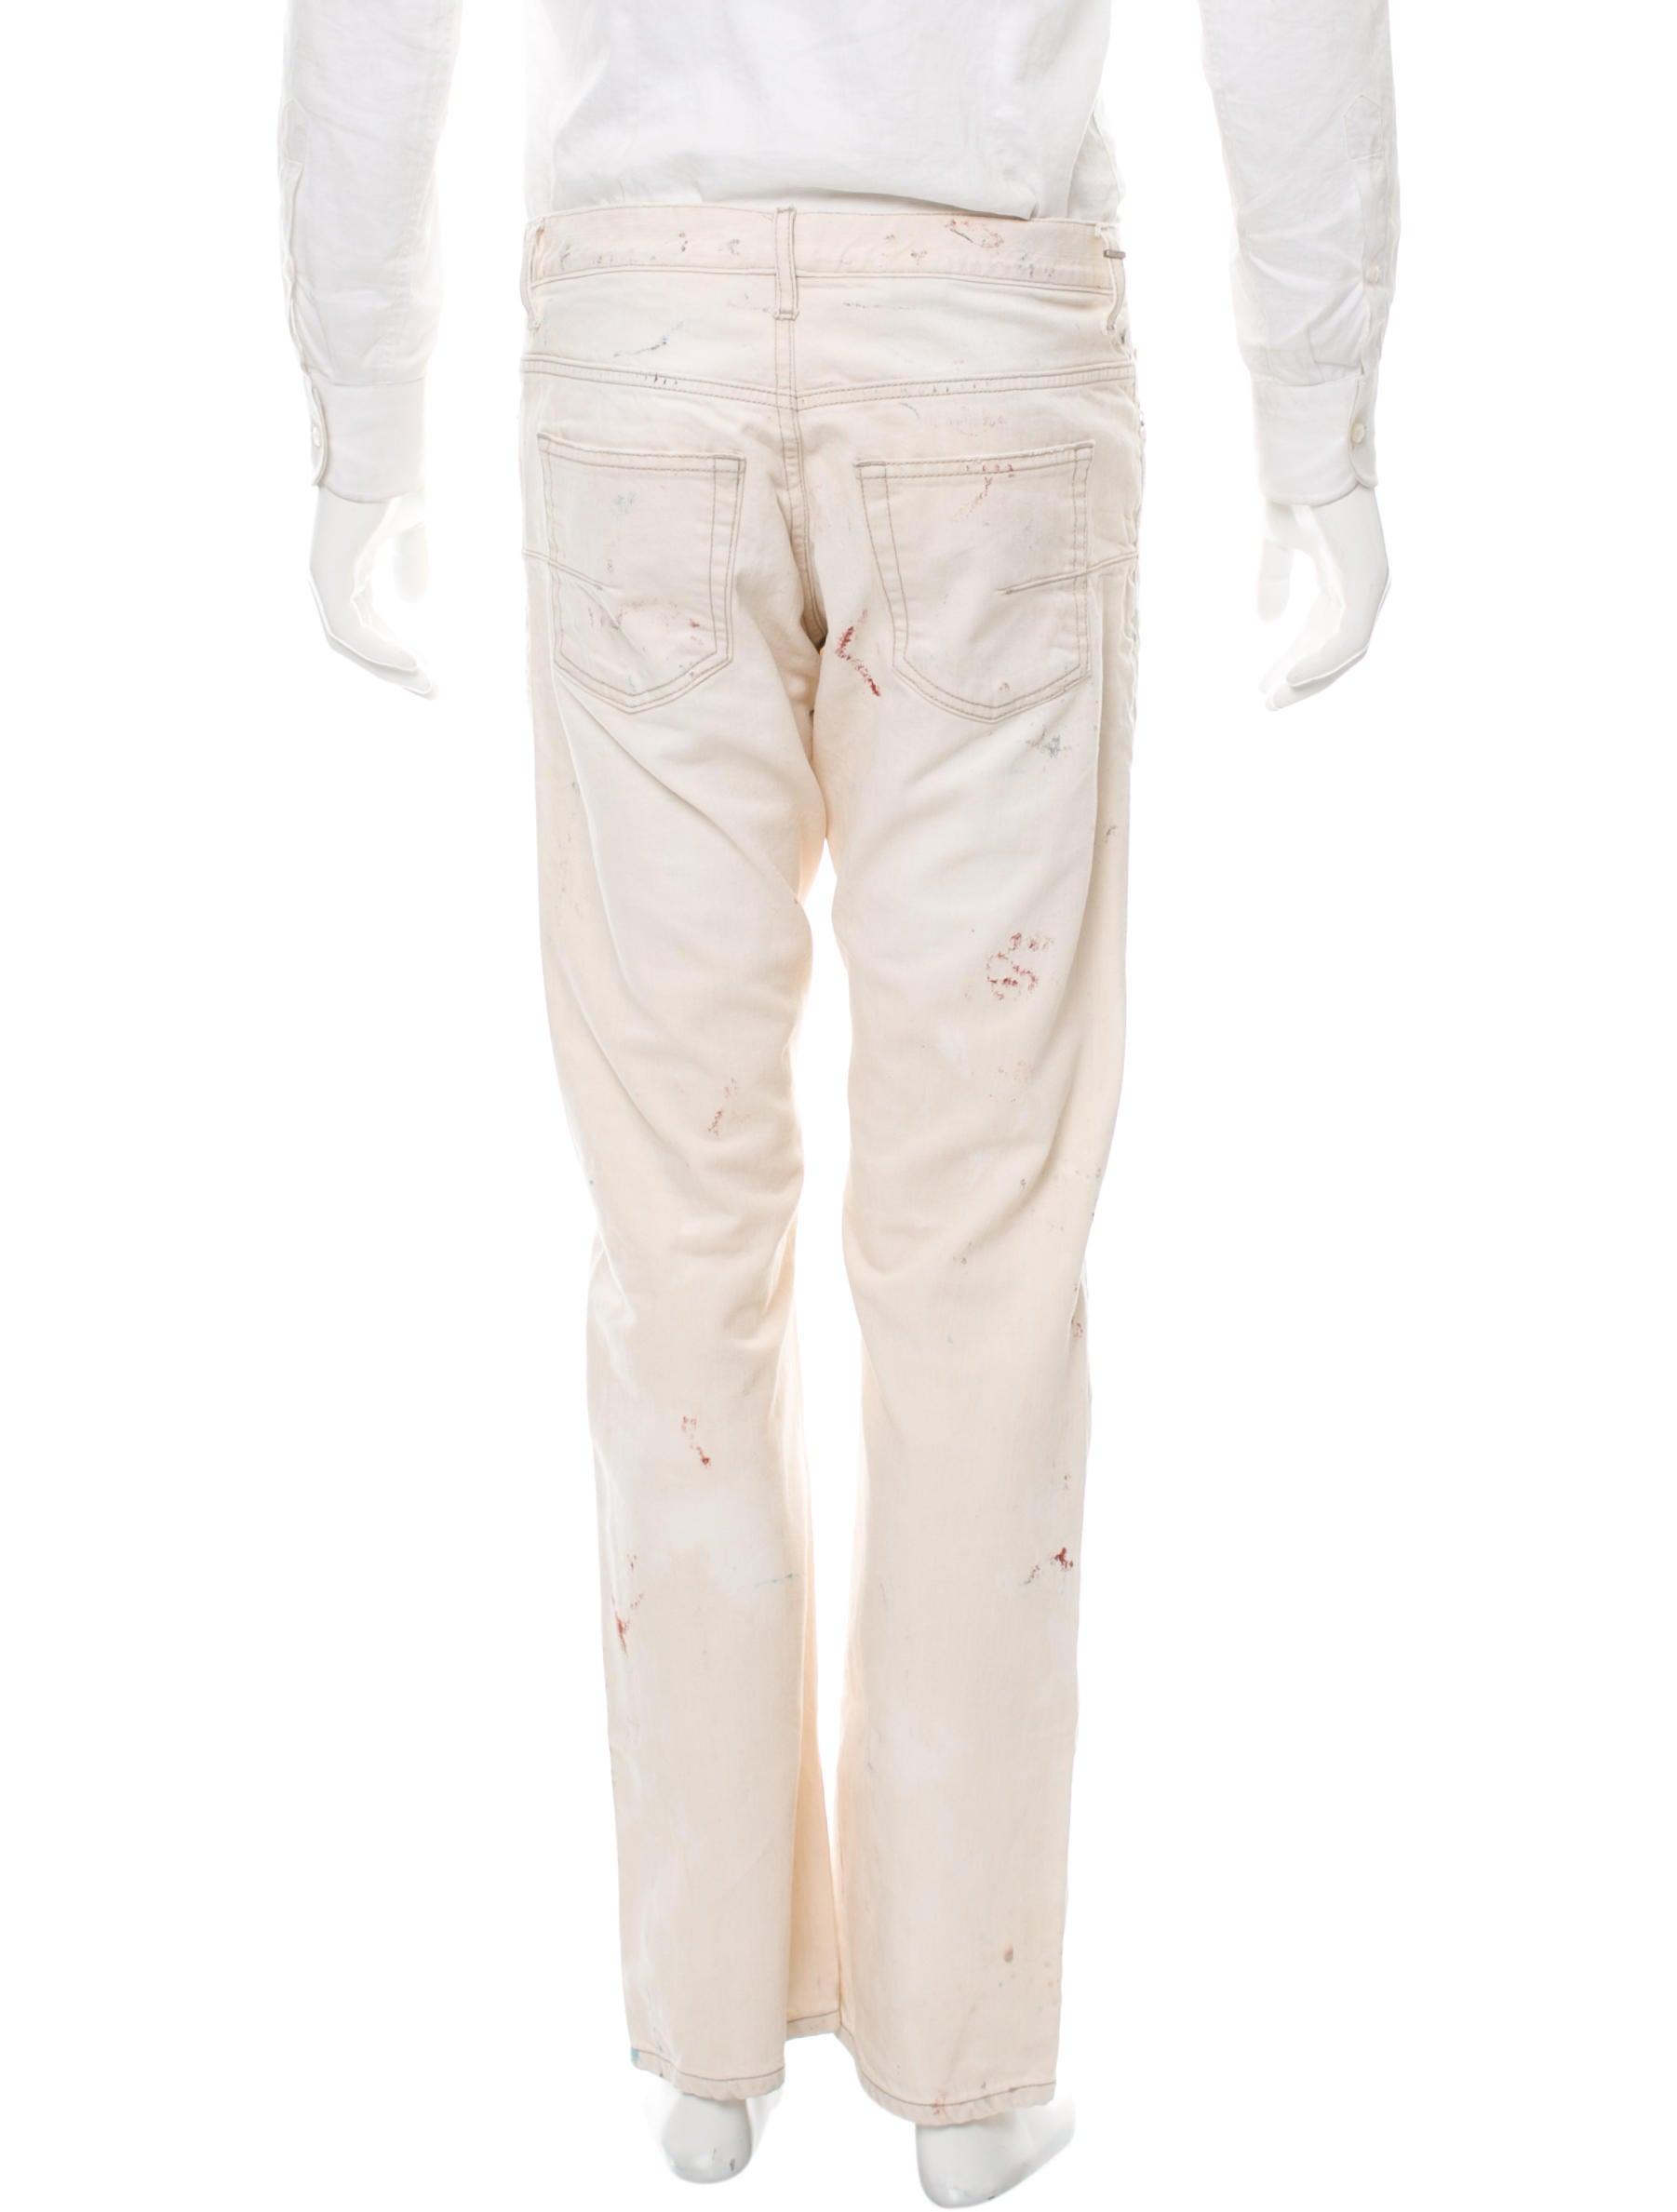 dior homme slim five pocket jeans clothing hmm22859 the realreal. Black Bedroom Furniture Sets. Home Design Ideas